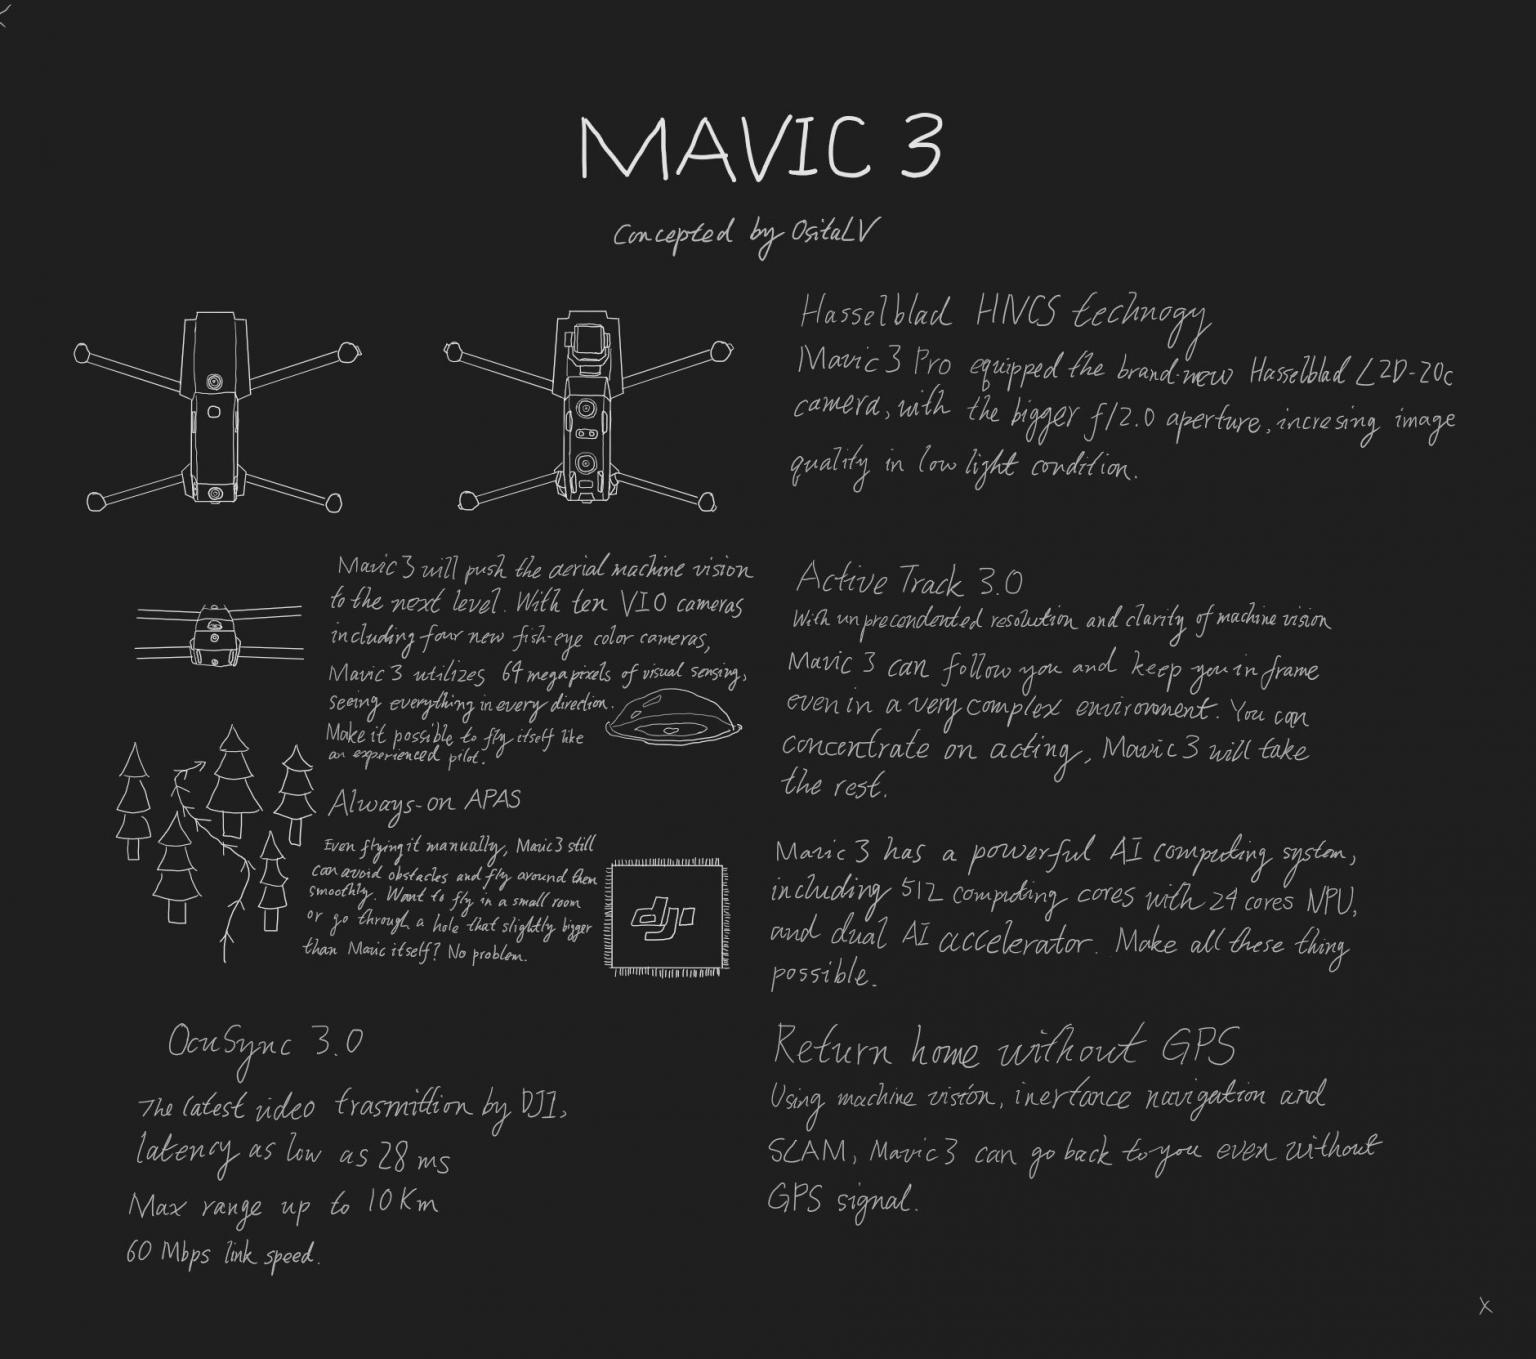 Mavic 3